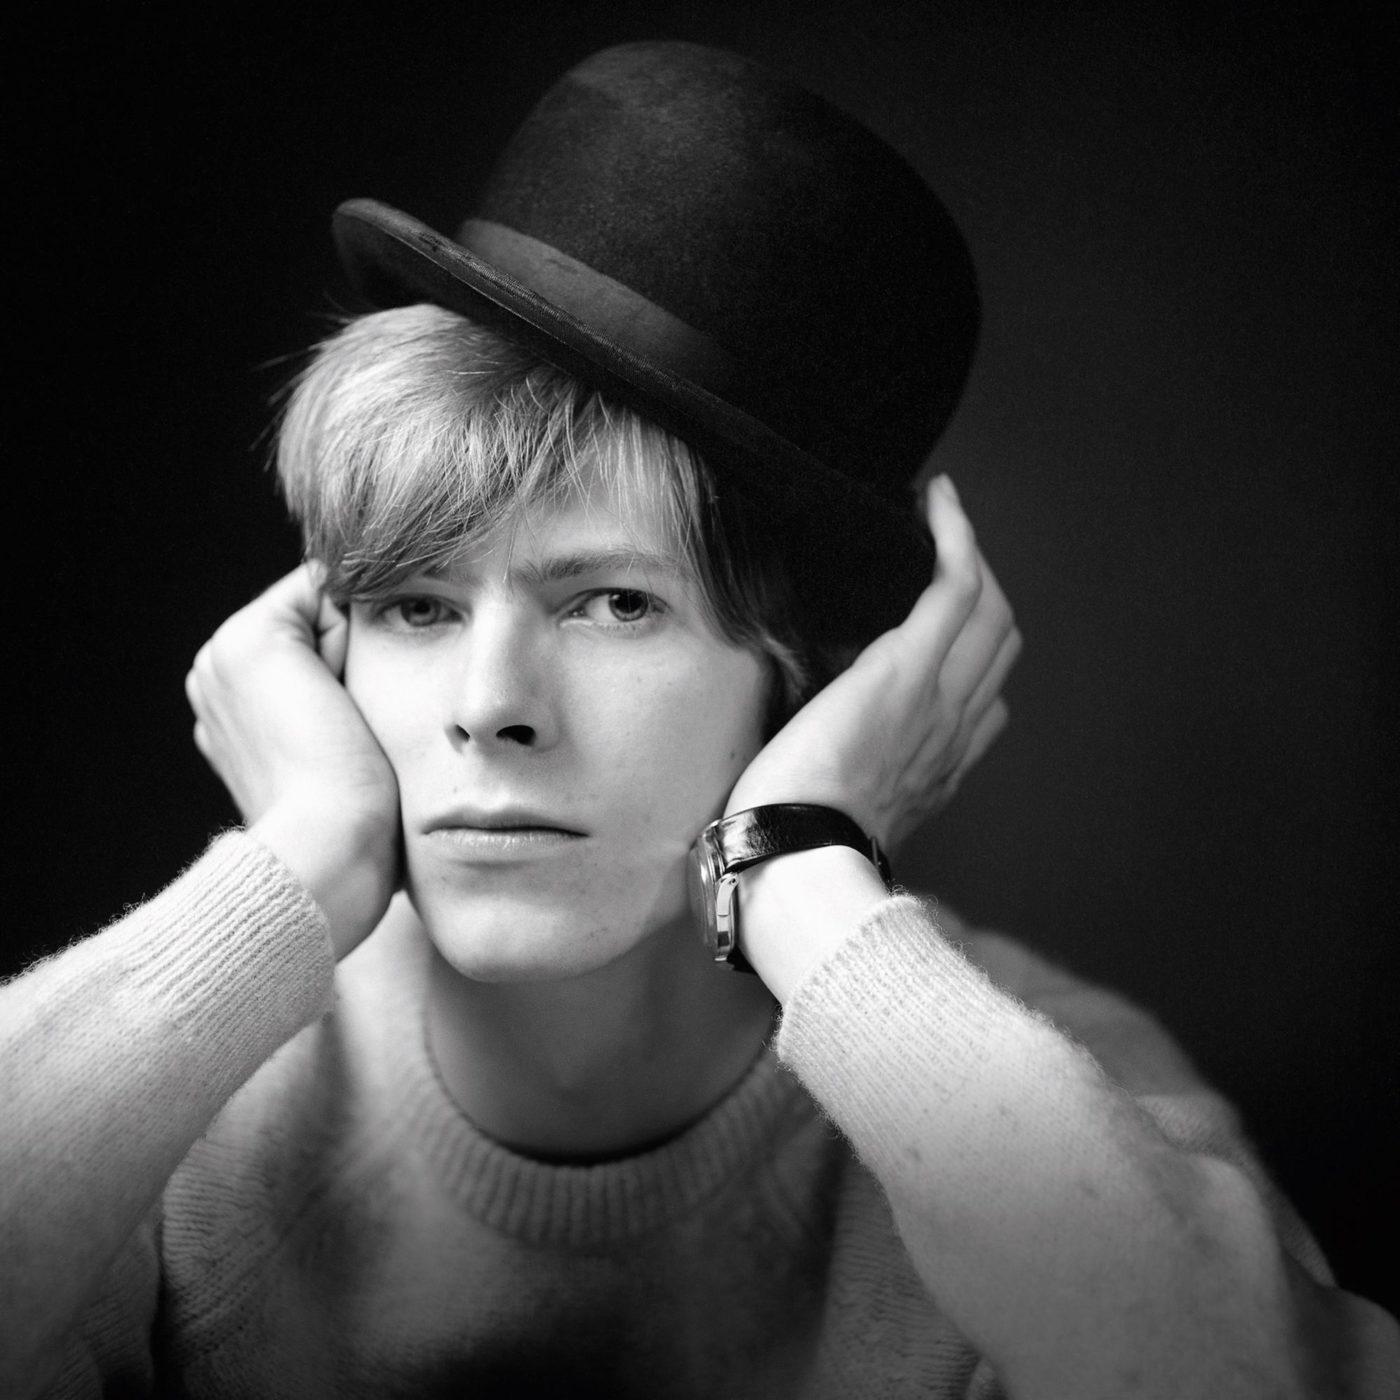 Czarno-białe zdjęcie mężczyzny w czarnym kapeluszu z dłońmi na twarzy